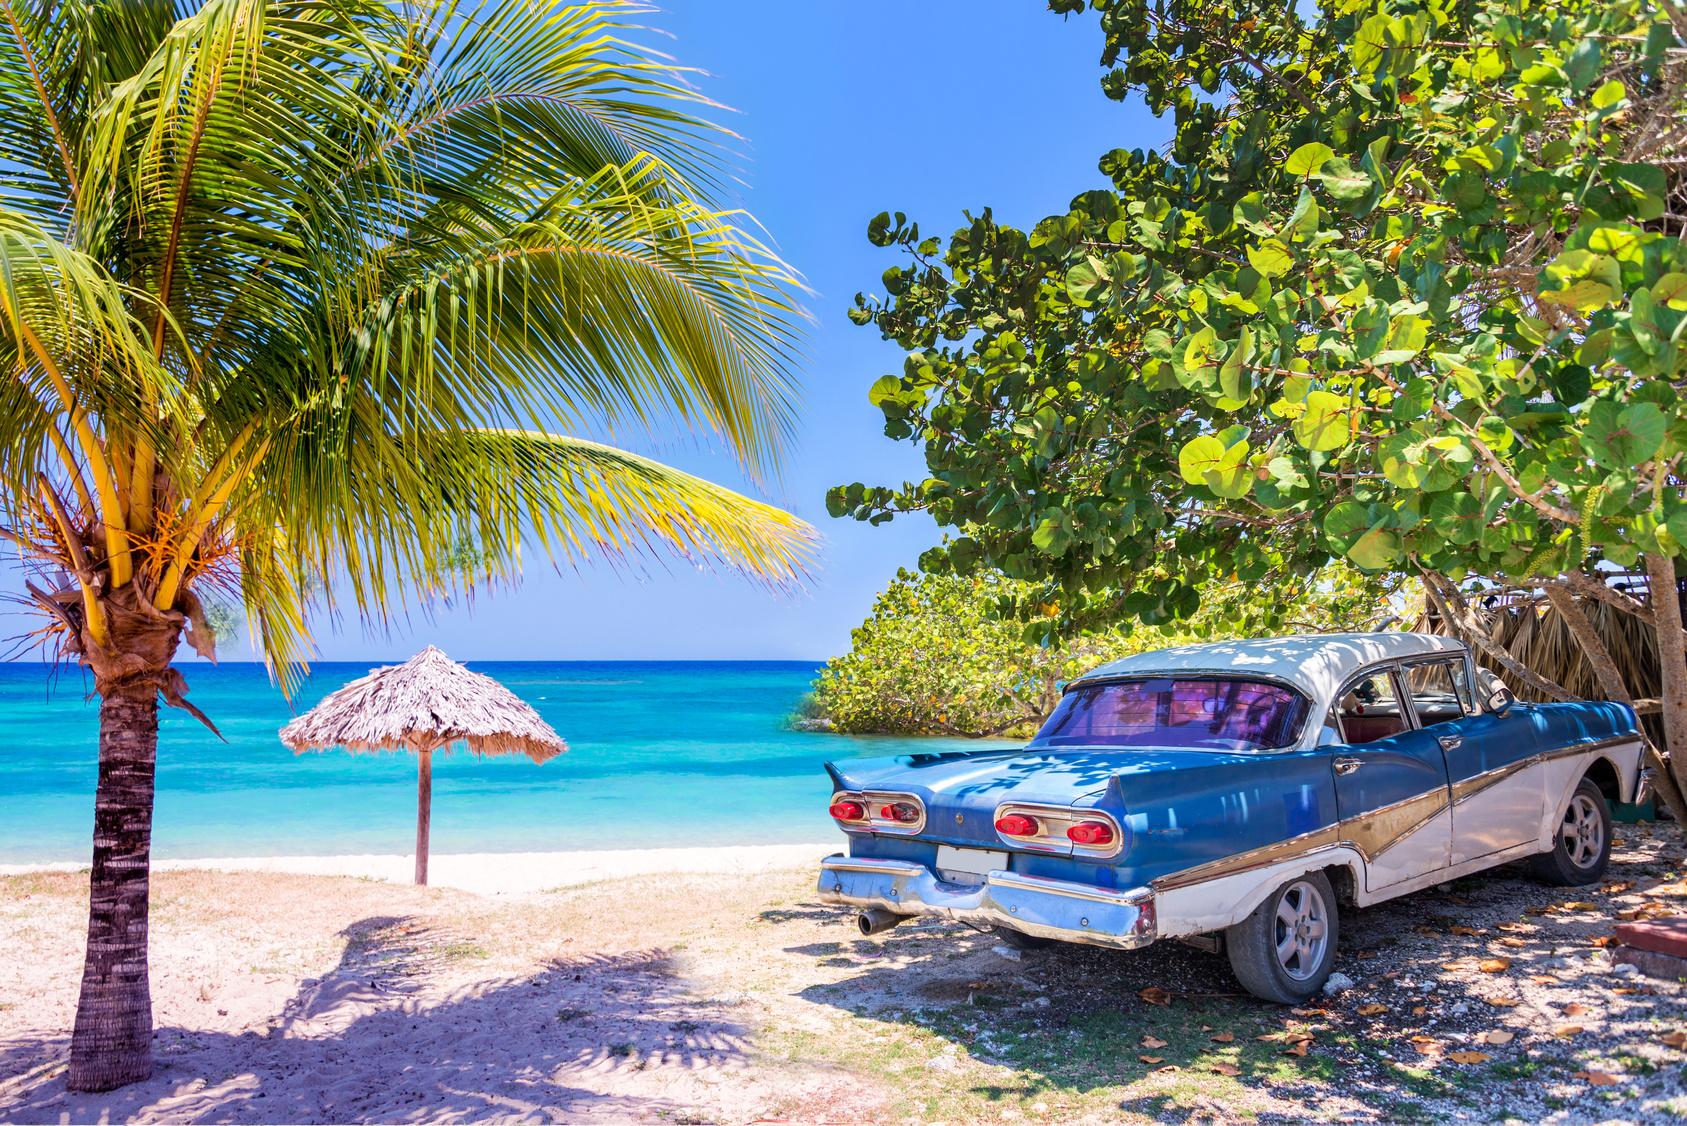 Kuba - sprawdź oferty